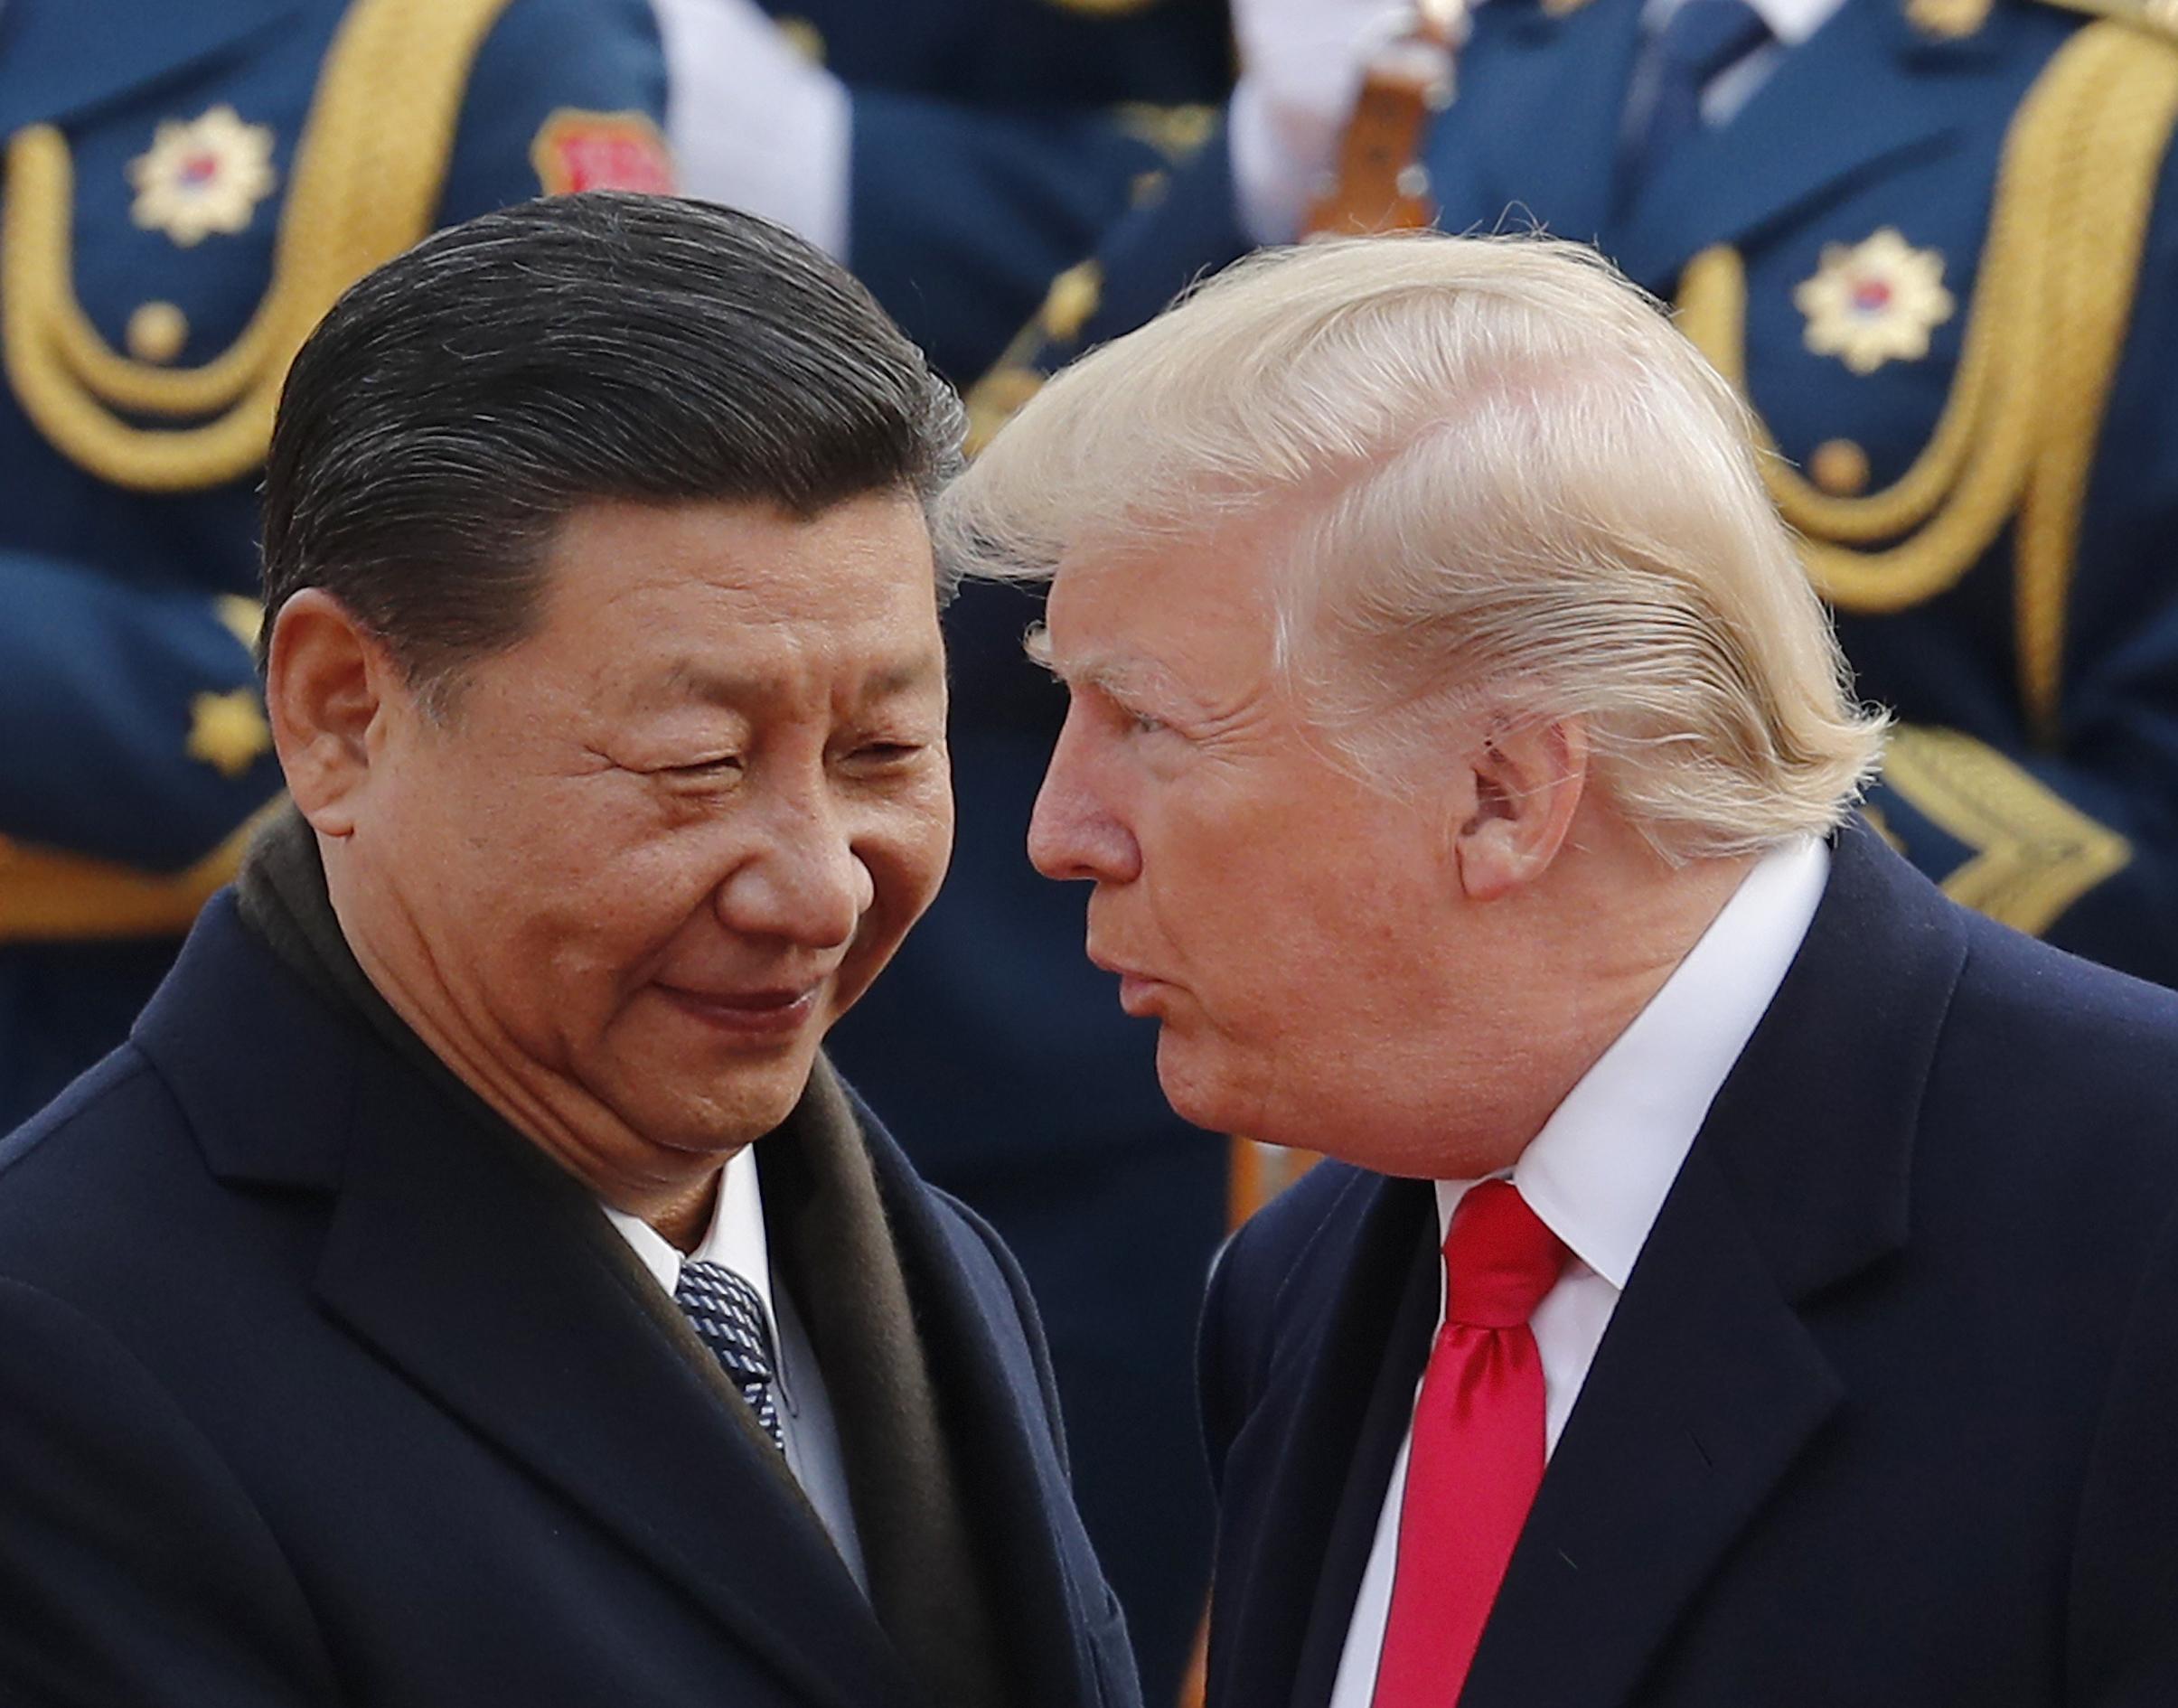 China sending envoy to North Korea following Trump visit